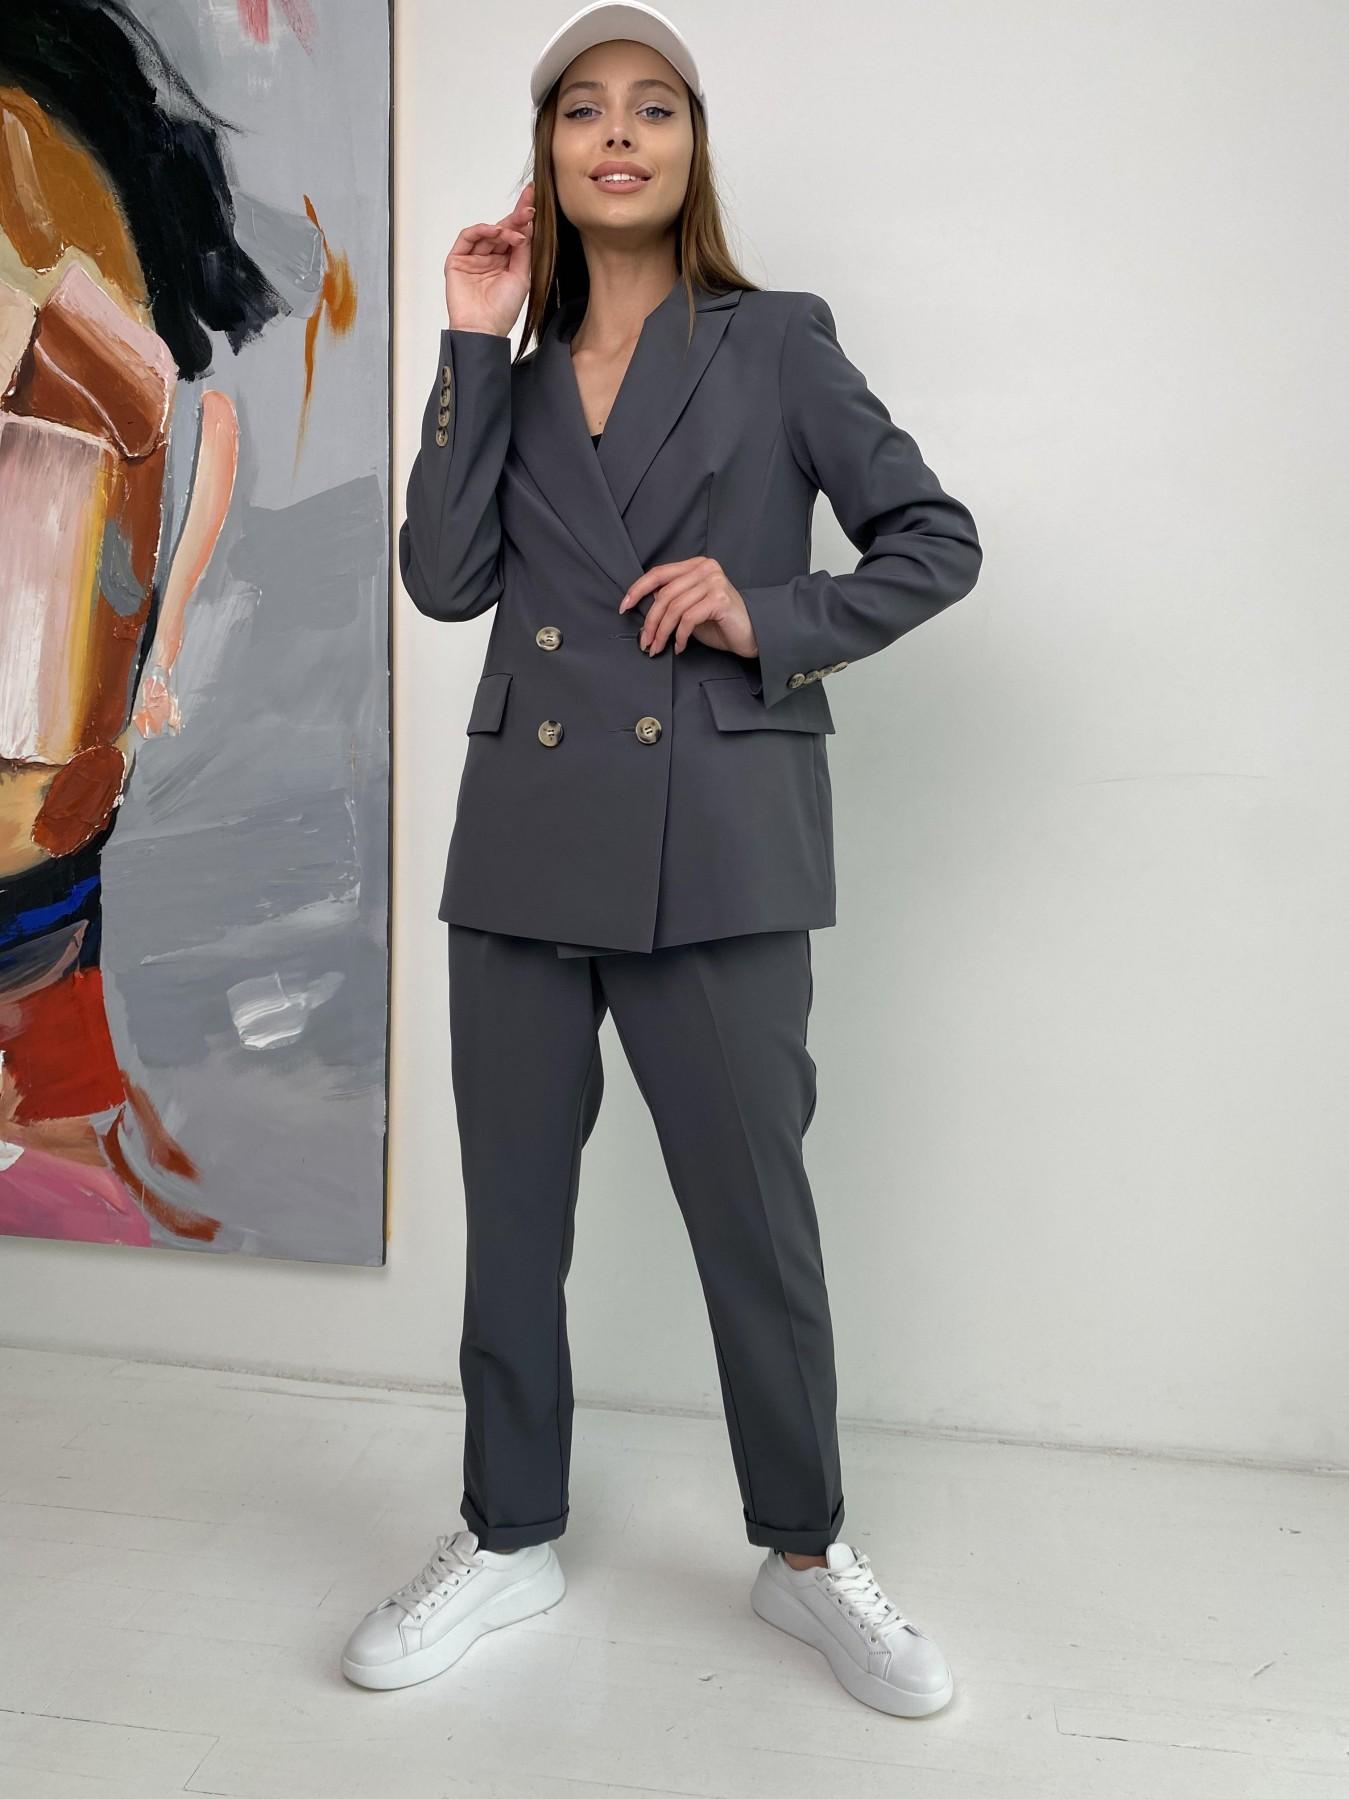 Франко костюм из костюмной ткани 11090 АРТ. 47975 Цвет: Графит - фото 3, интернет магазин tm-modus.ru